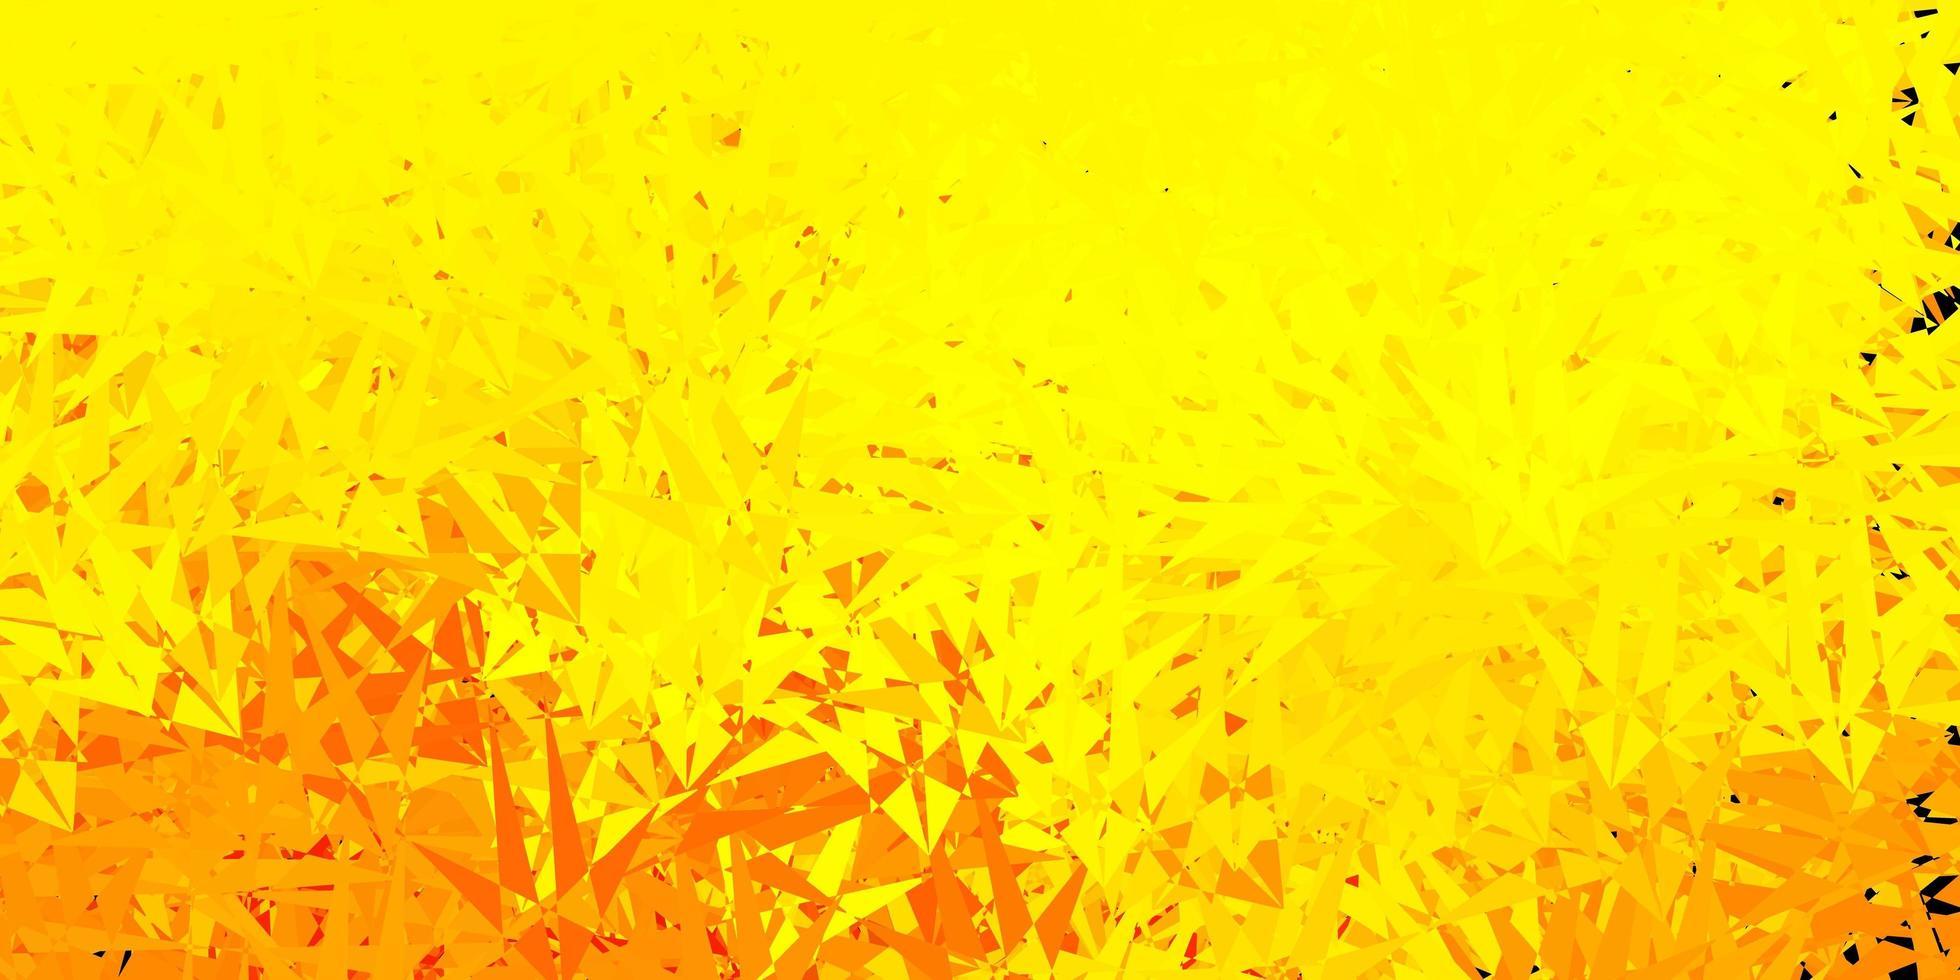 fundo amarelo claro com formas poligonais. vetor